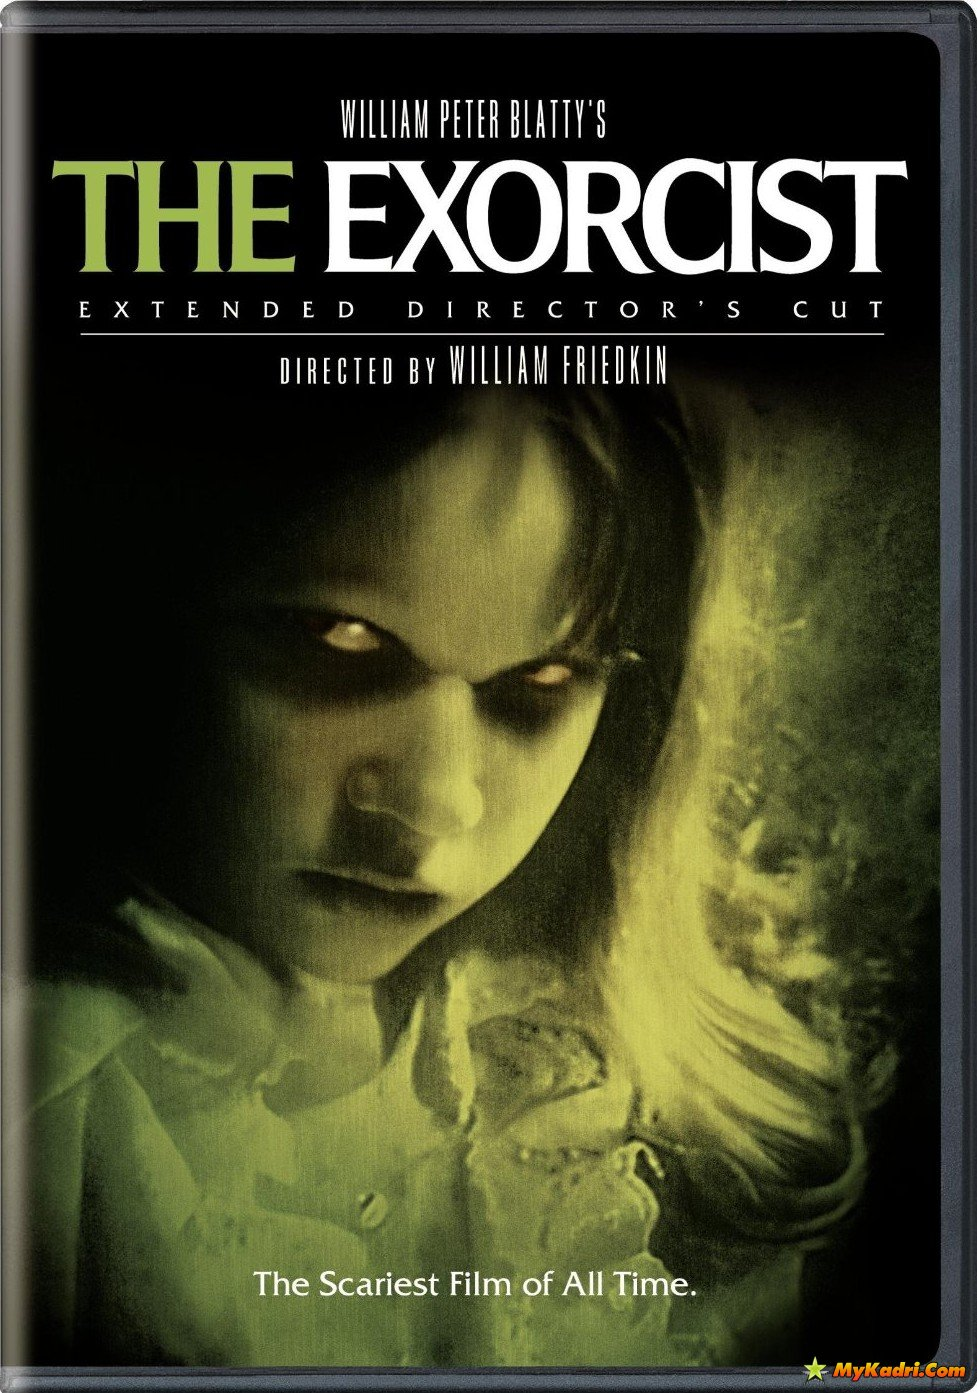 ეგზორცისტი (ეშმაკის განმდევნელი) / The Exorcist